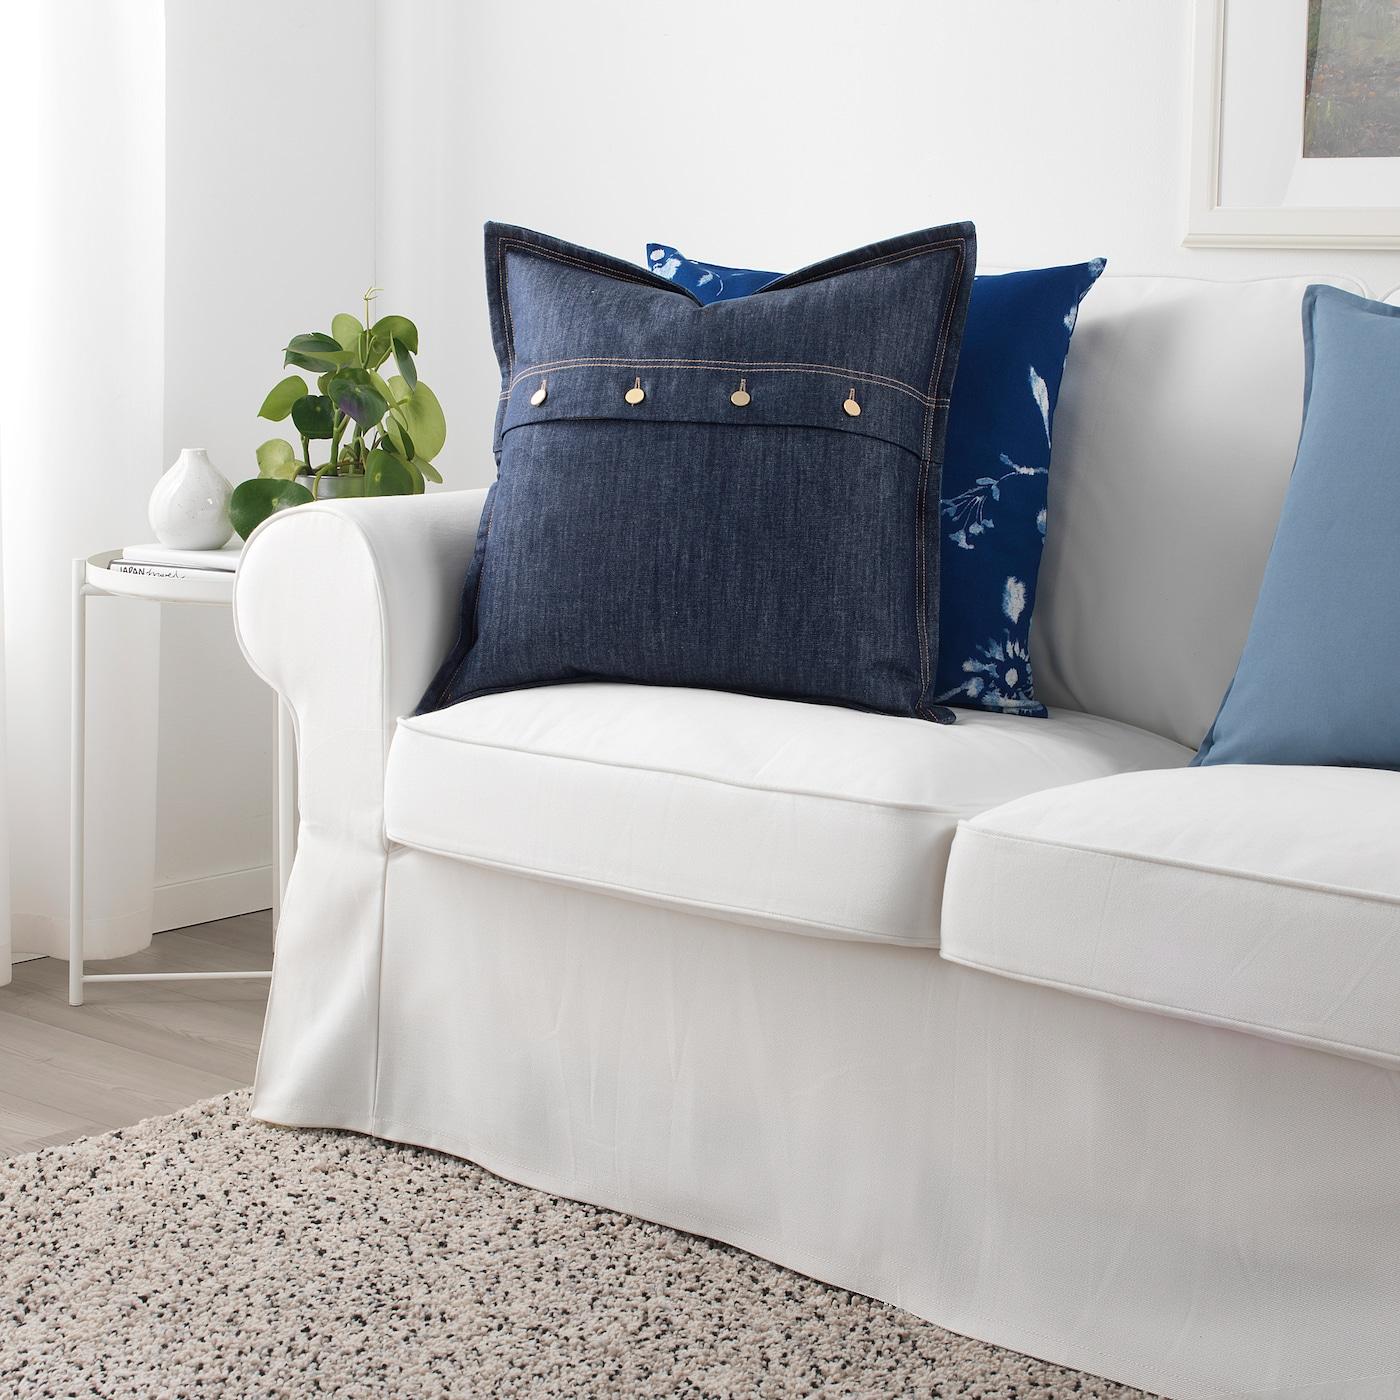 СІССІЛЬ чохол для подушки синій 50 см 50 см